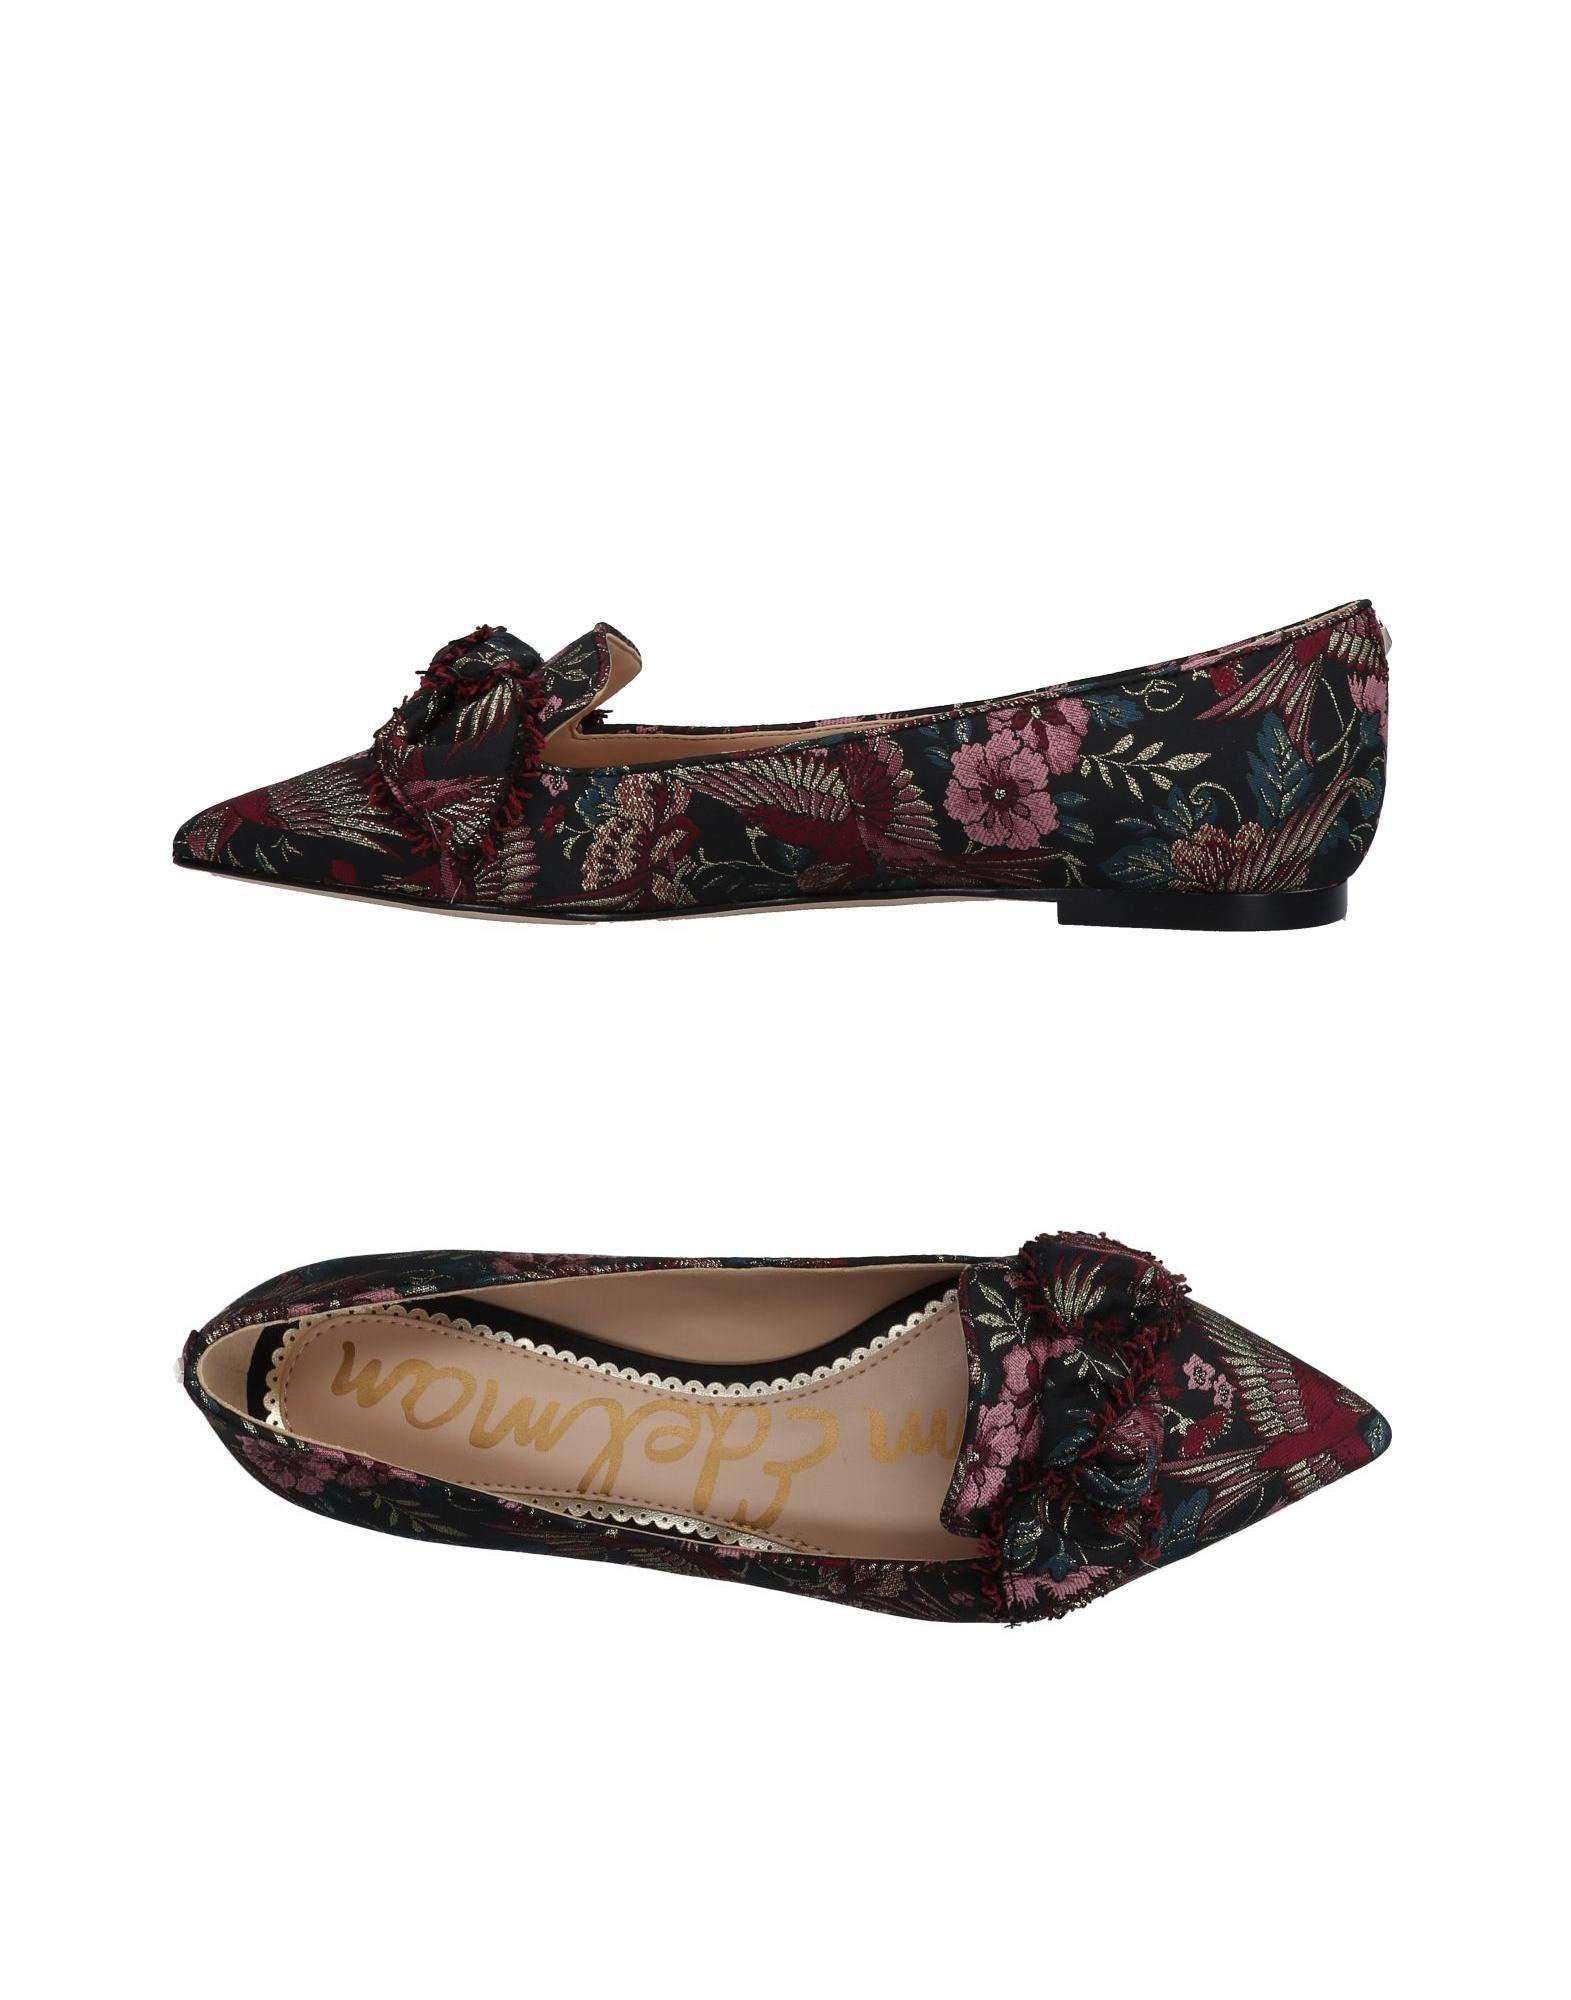 Sam Edelman Mokassins Damen    11470983VF Gute Qualität beliebte Schuhe 3cc6e2